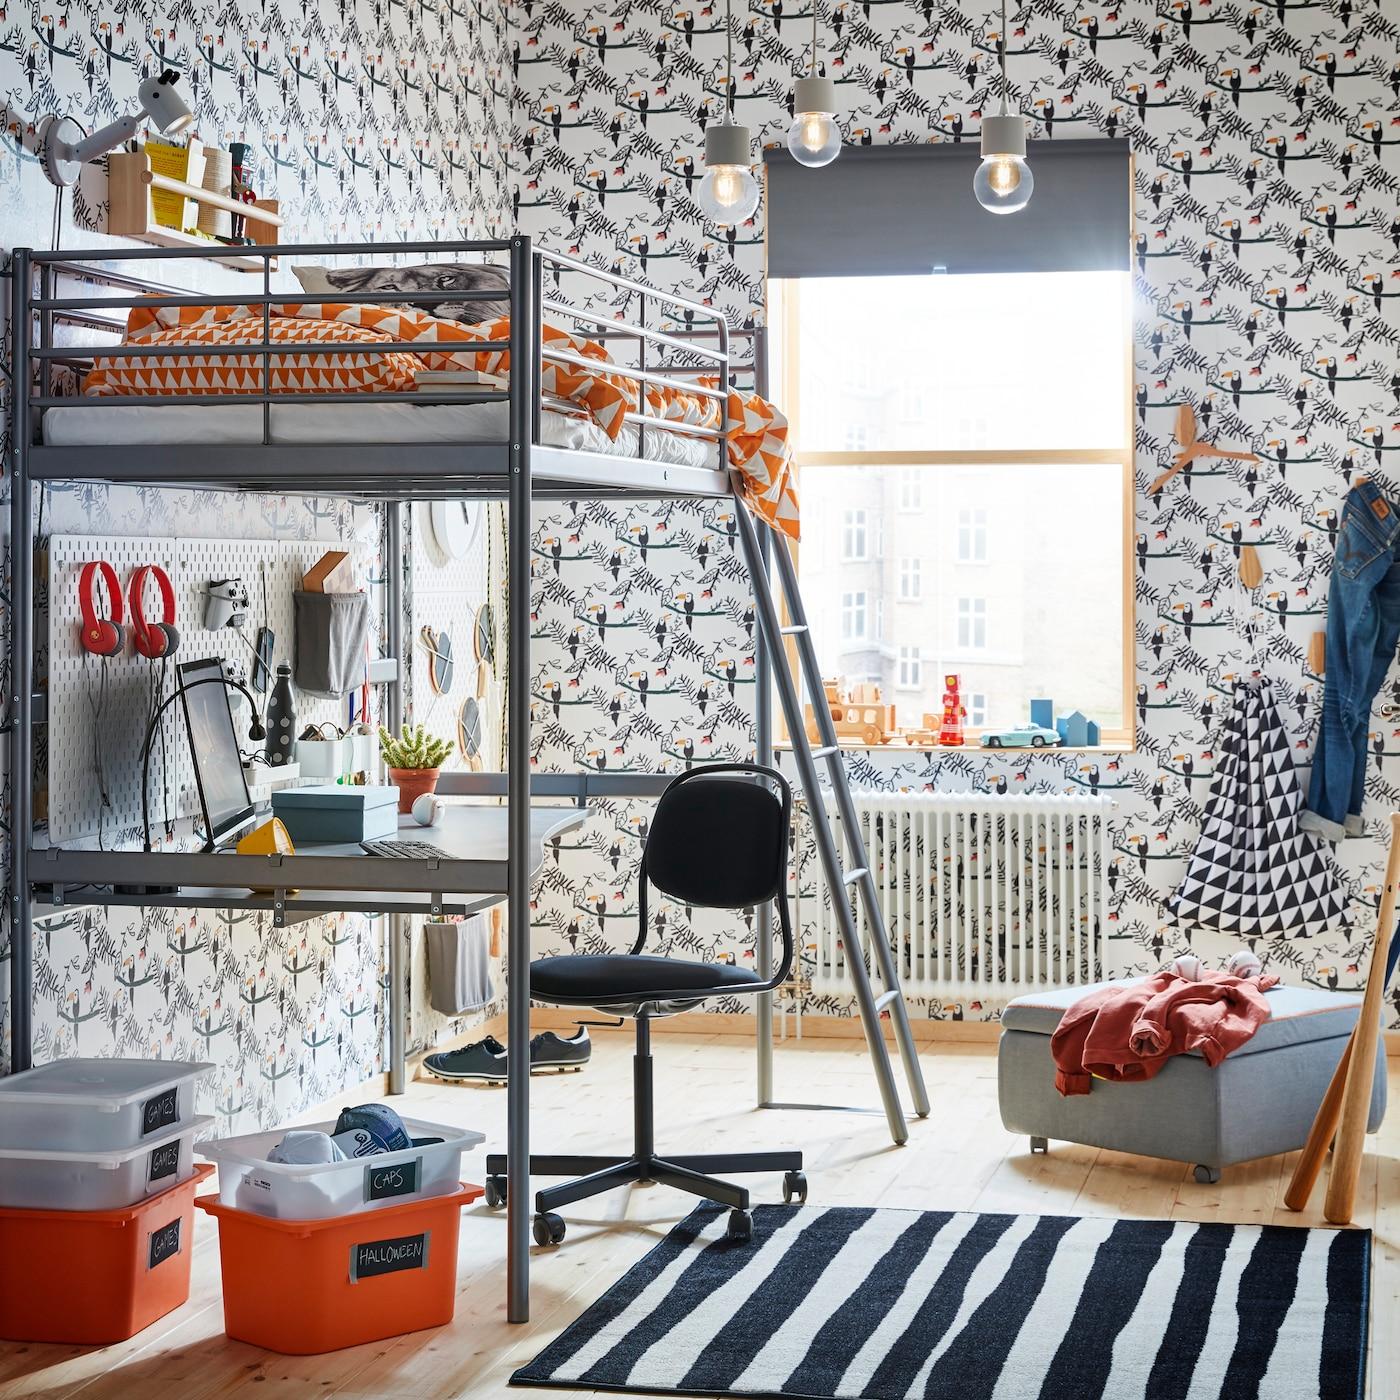 Lit Mezzanine IKEA SVÄRTA En Acier Teinte Argent, Avec Bureau Et Ordinateur  Installés Sous La